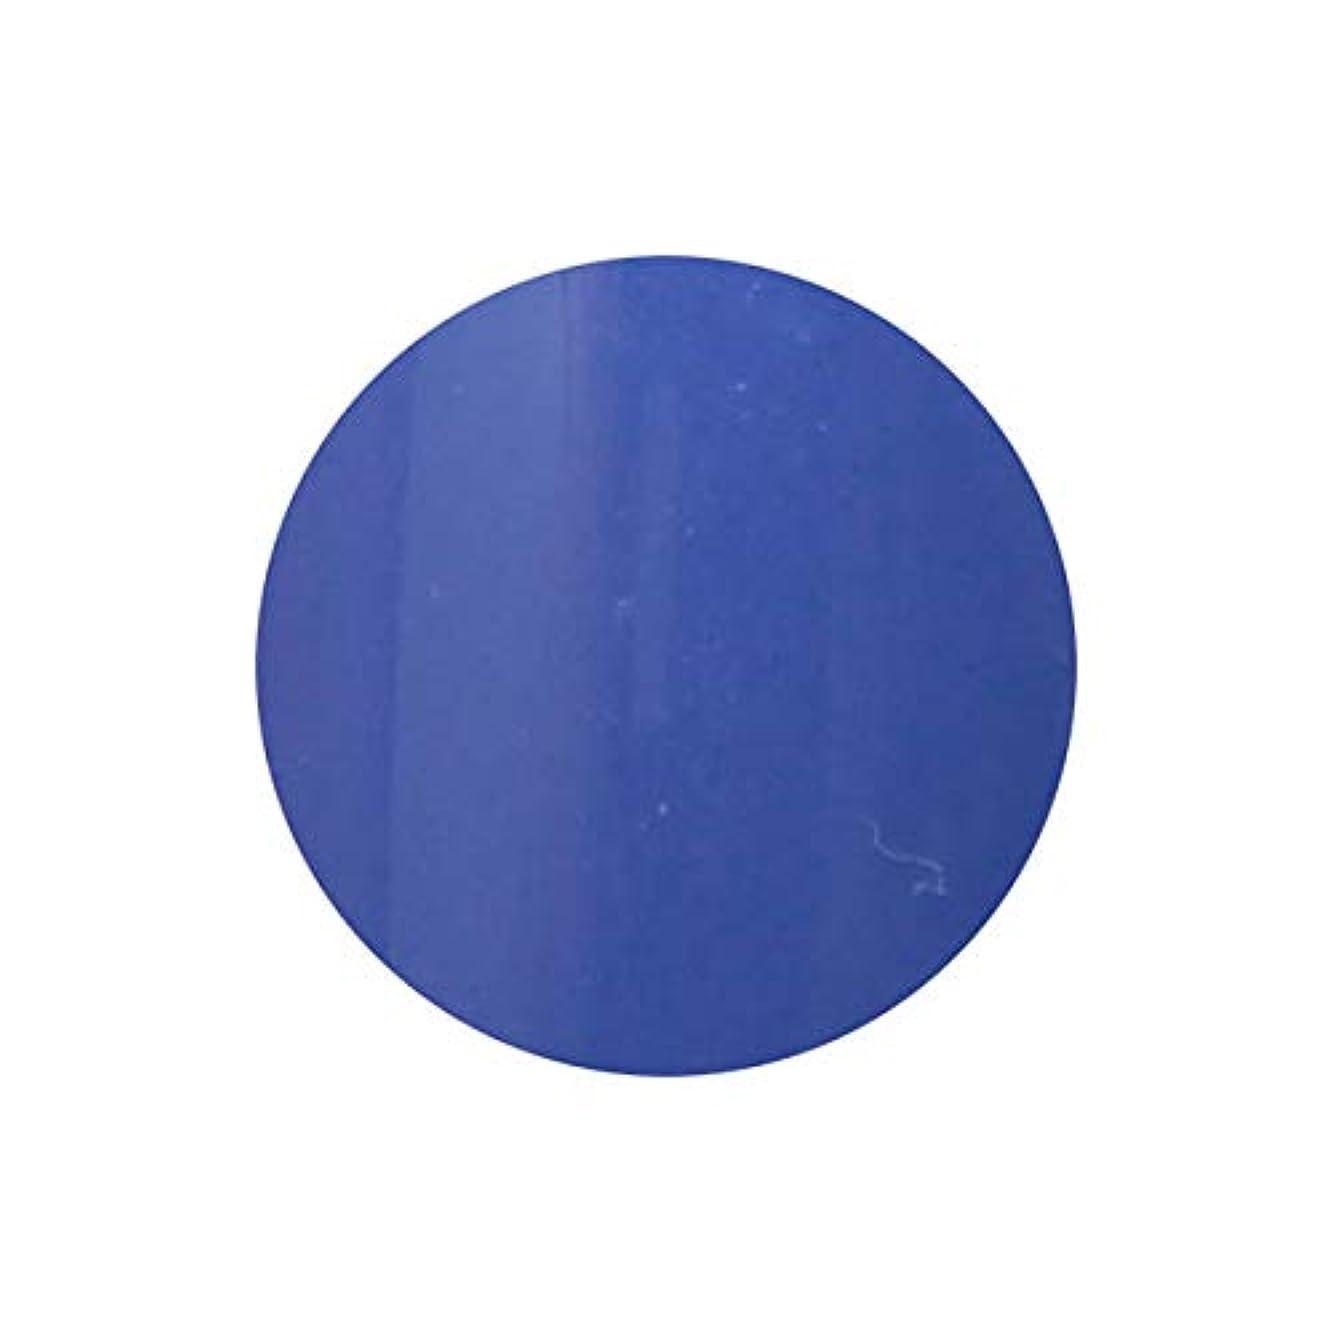 確認してくださいルーフ大臣【NEW】T-GEL COLLECTION カラージェル D225 スモーキータンザナイト 4ml